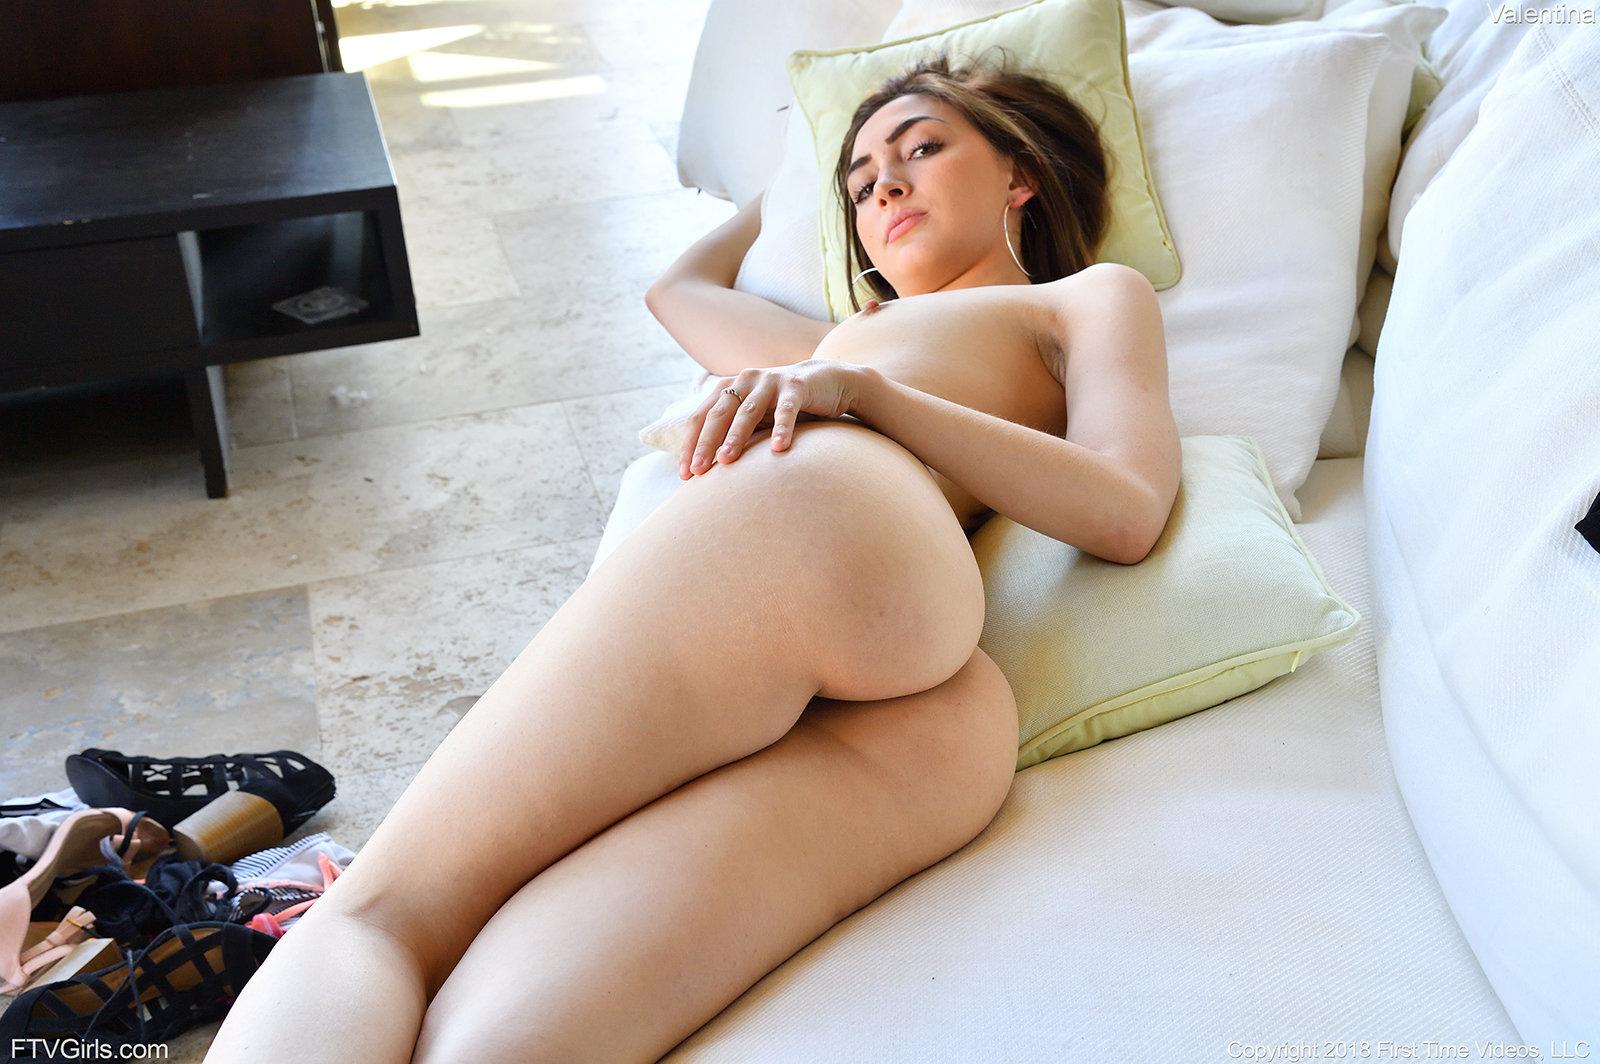 Zdjęcie porno - 06 - Mały biust i duża dupcia